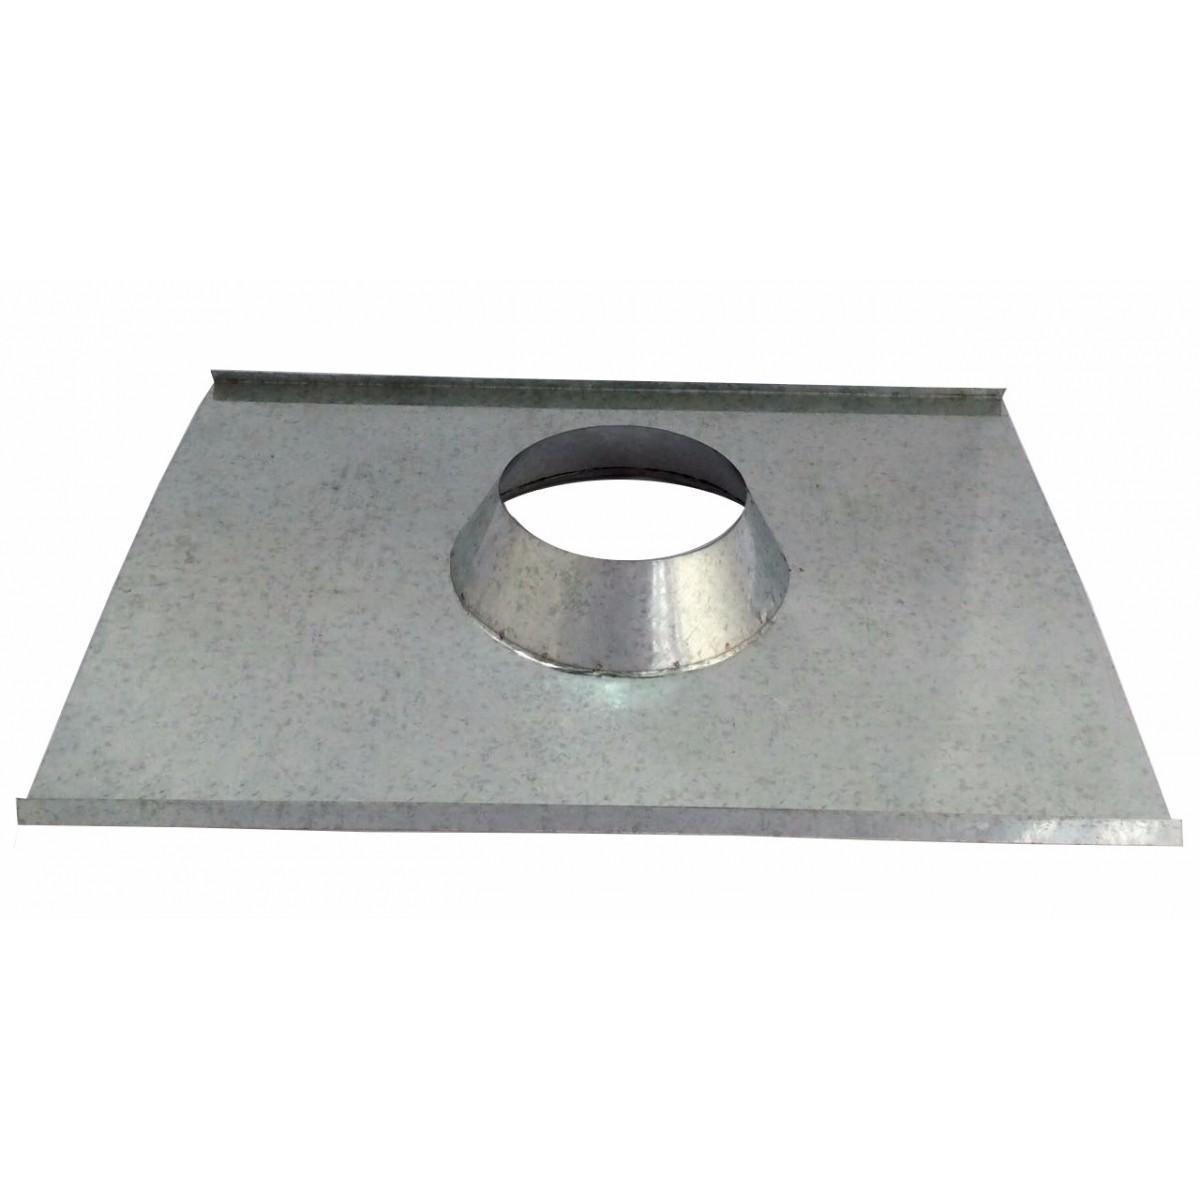 Rufo colarinho de telhado galvanizado para chaminé de 130 mm de diâmetro  - Galvocalhas